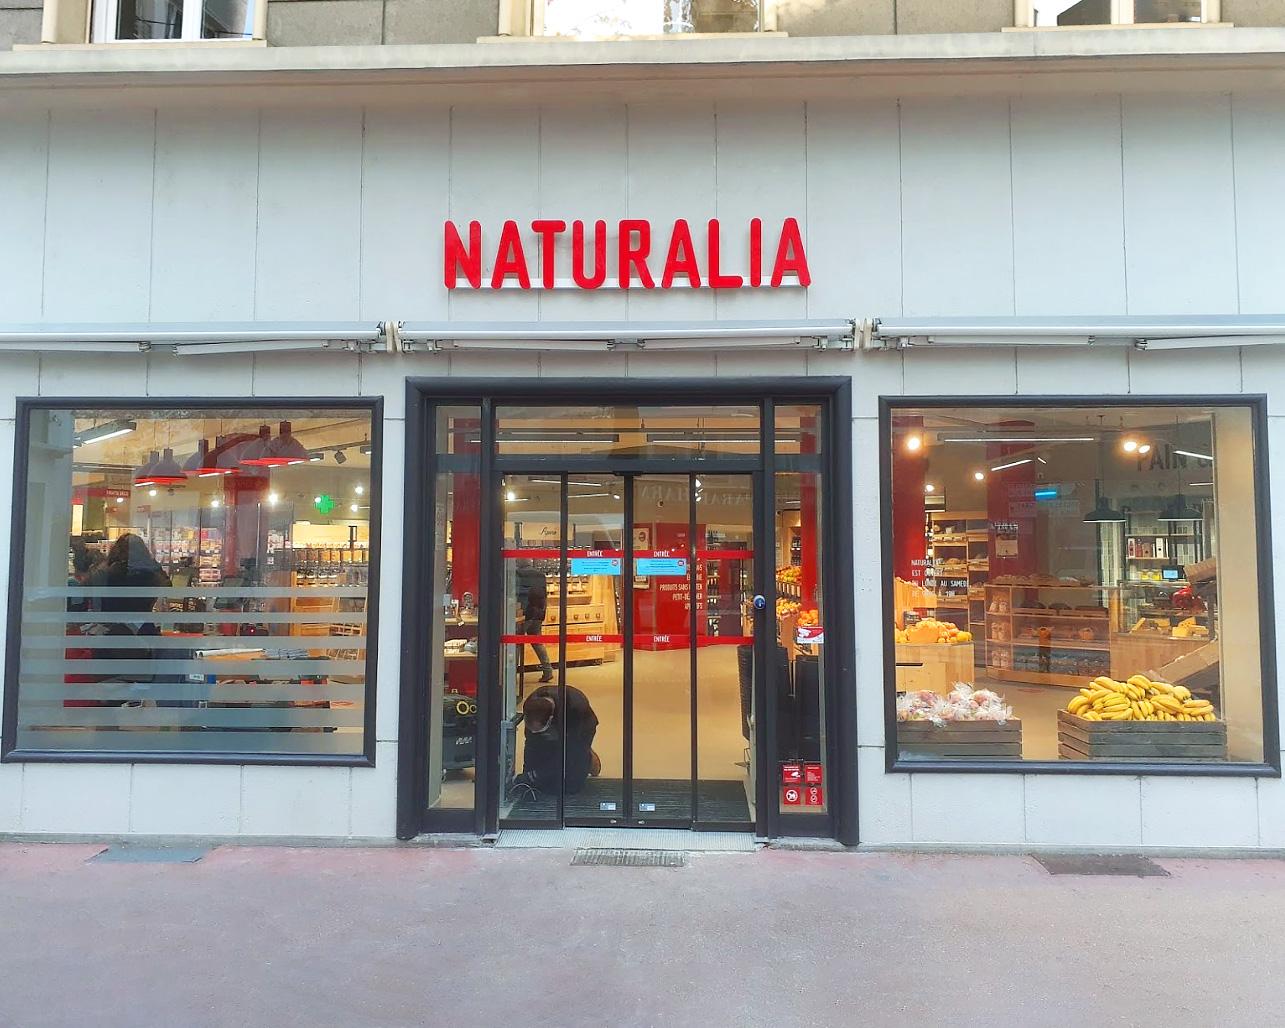 NaturaliaChambéry, magasin spécialisé en alimentation bio et local